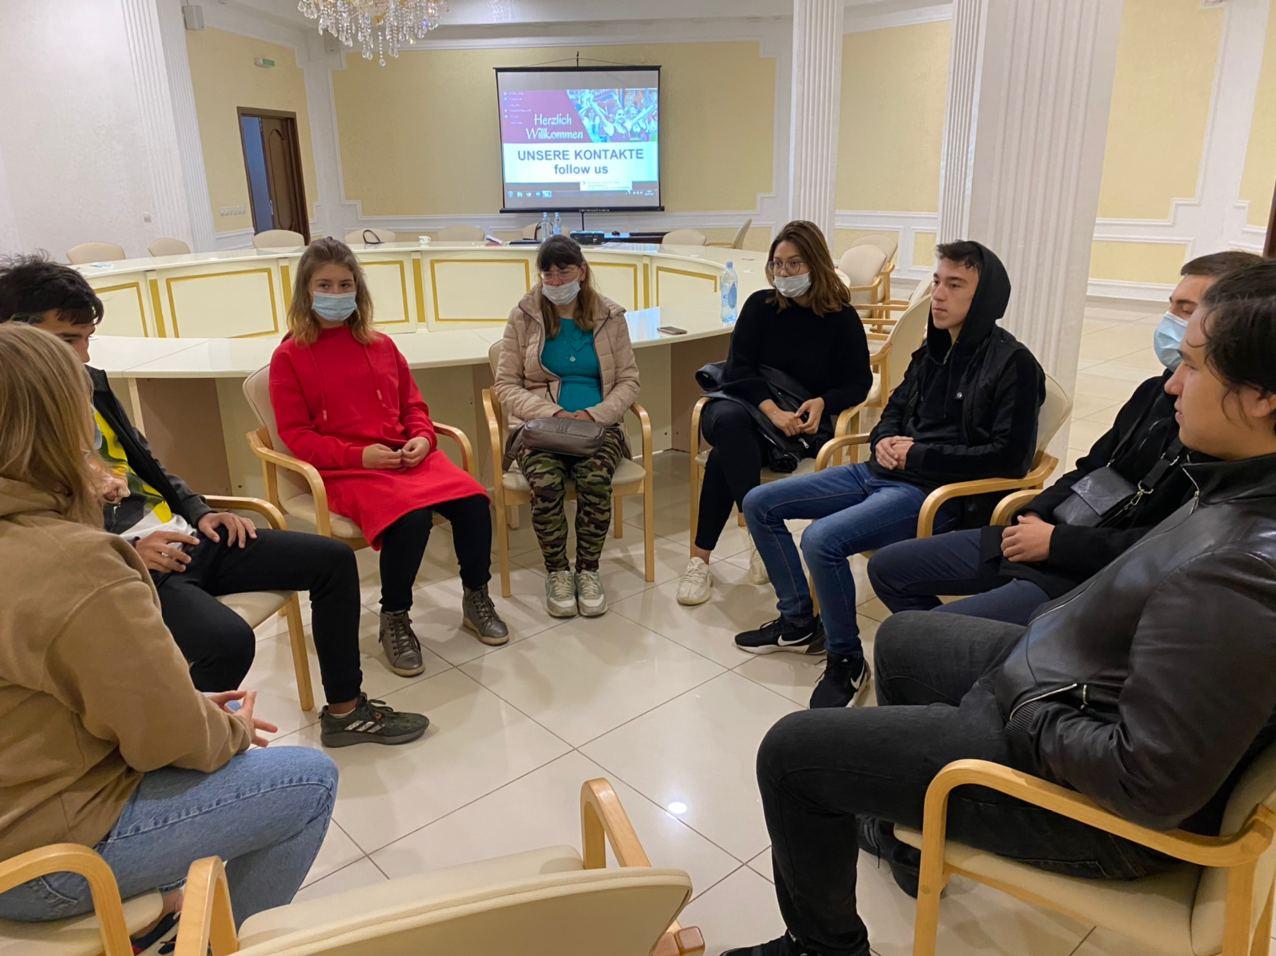 СНМК: Диалог с молодежью Уральска